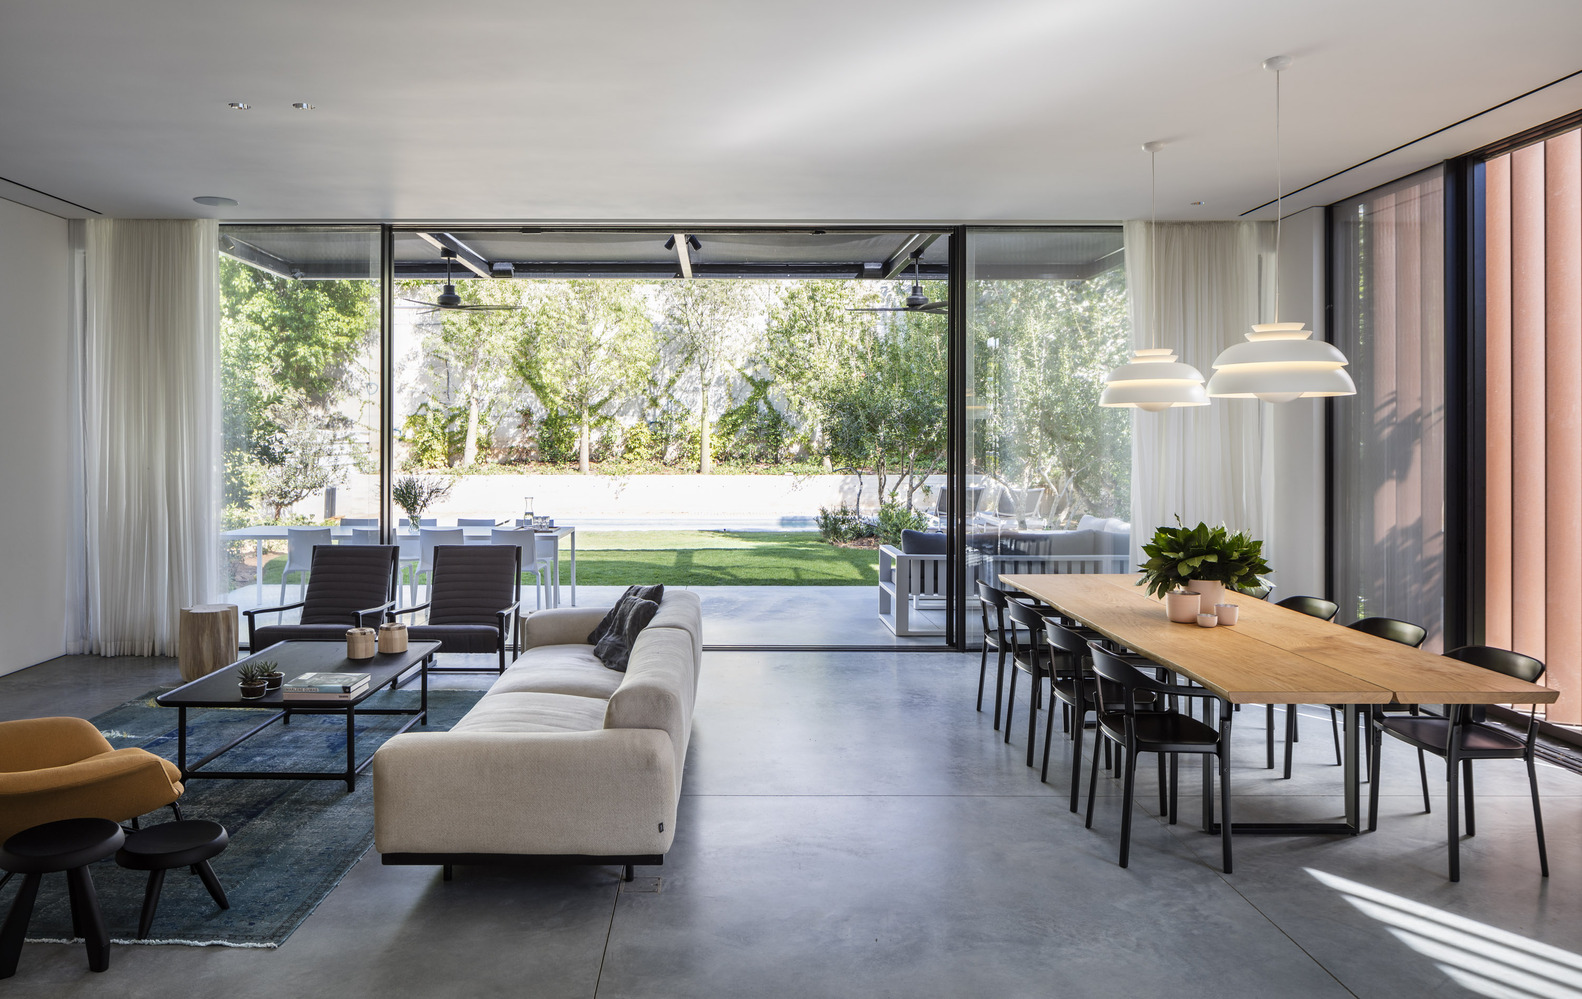 Deze tuin is een verlengde van de woonkamer geworden met een mooie terrasoverkapping